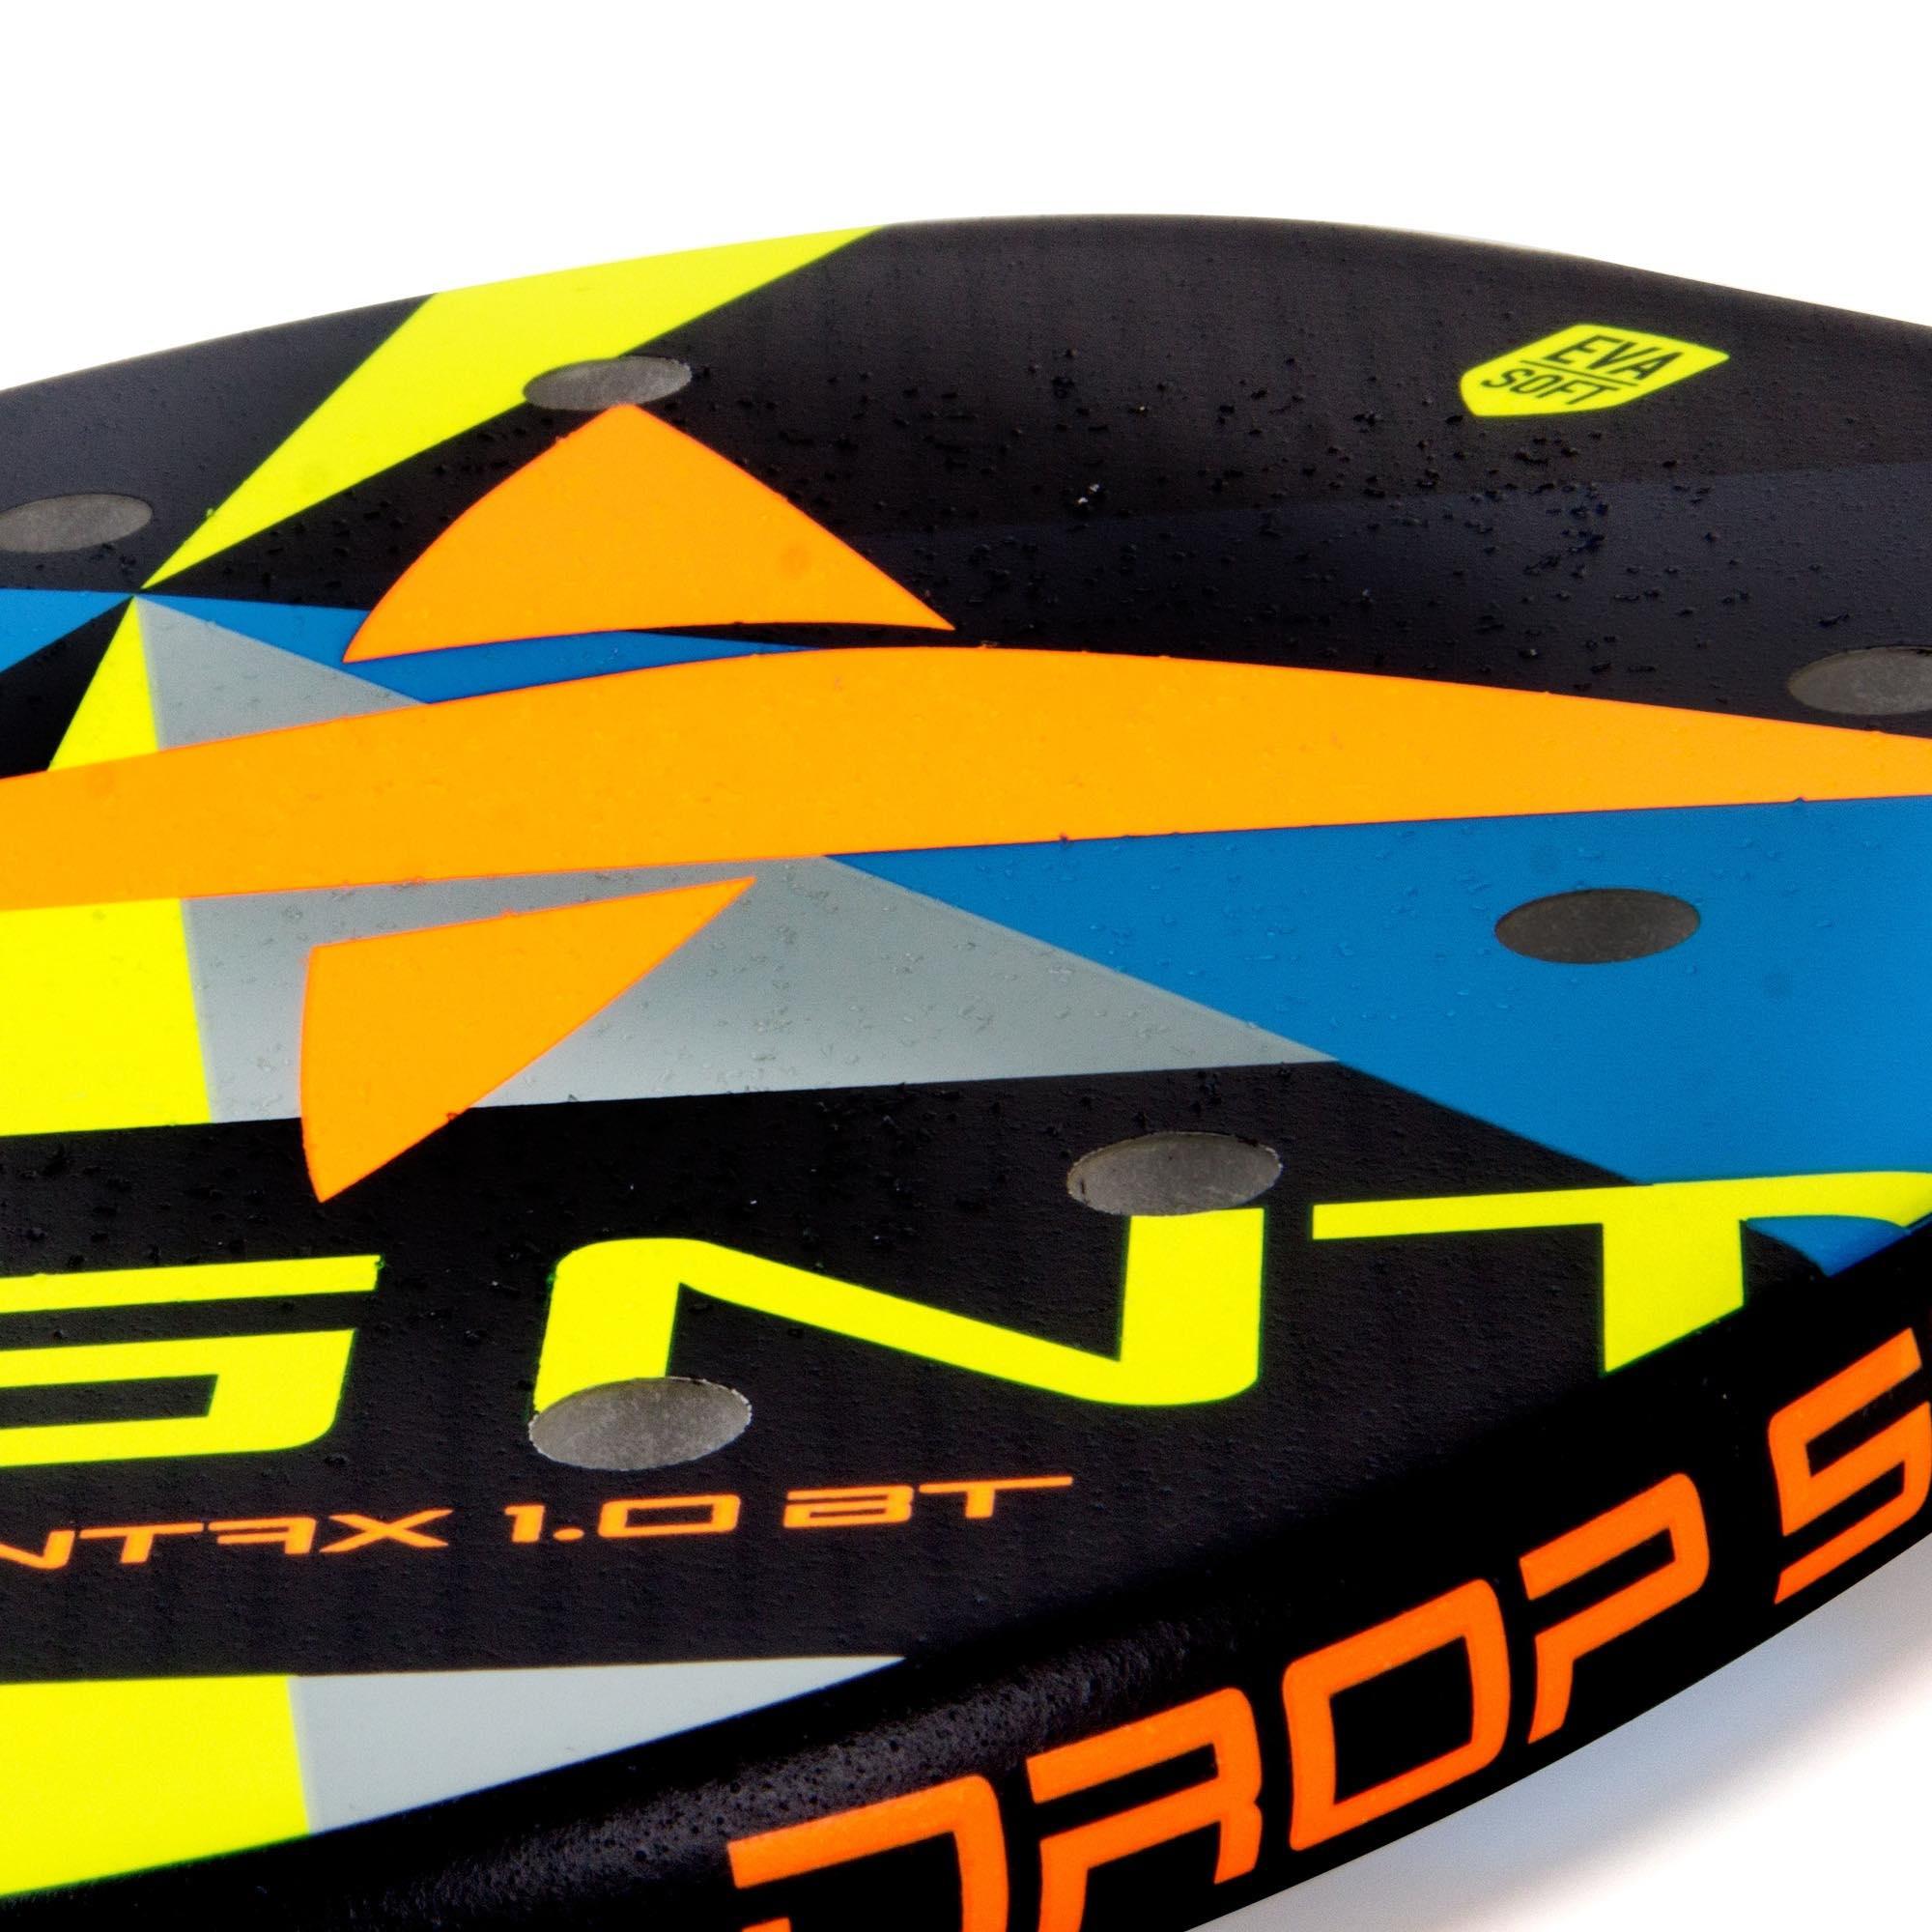 Raquete de Beach Tennis Drop Shot Pentax 1.0 BT